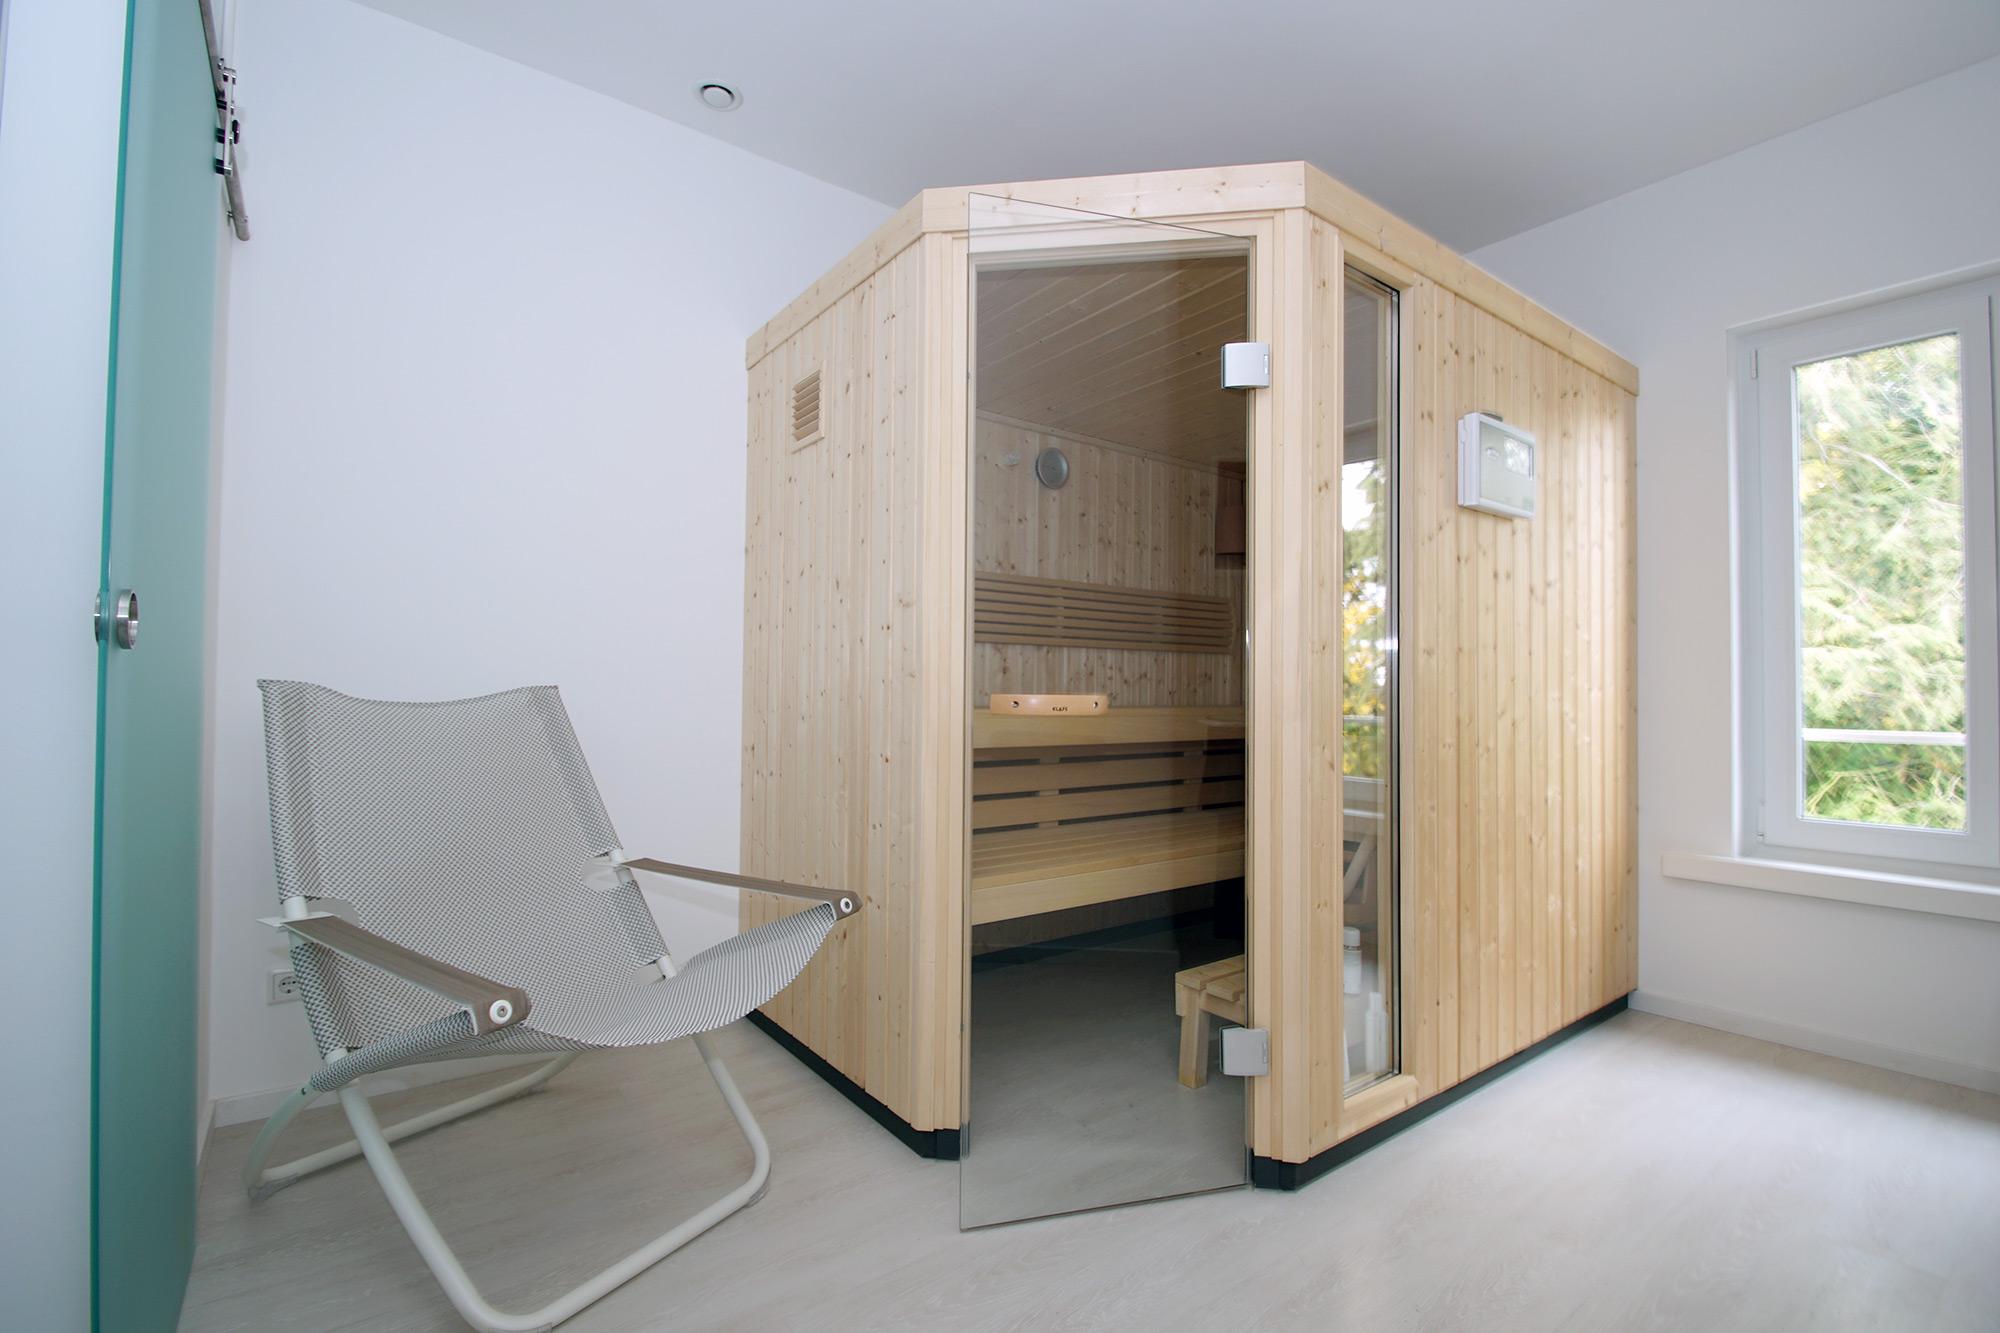 Repr sentatives arzthaus aachen roland kemp - Badezimmer aachen ...